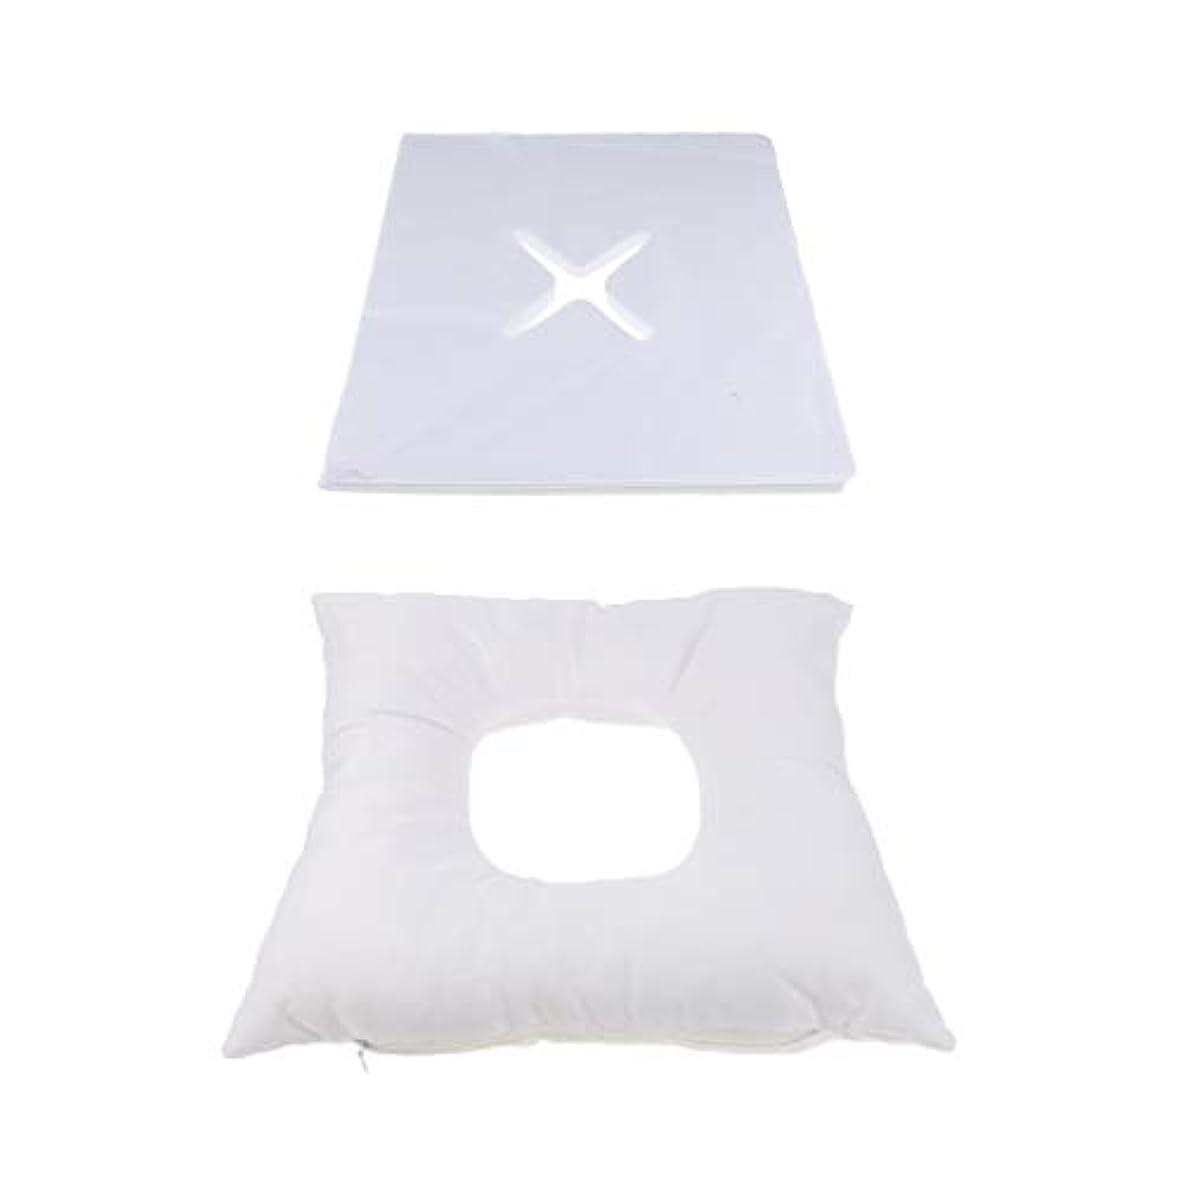 認知暴行輸送フェイスマット マッサージ枕 顔枕 エステマクラ 200個使い捨てピローカバー付き サロン 家庭用